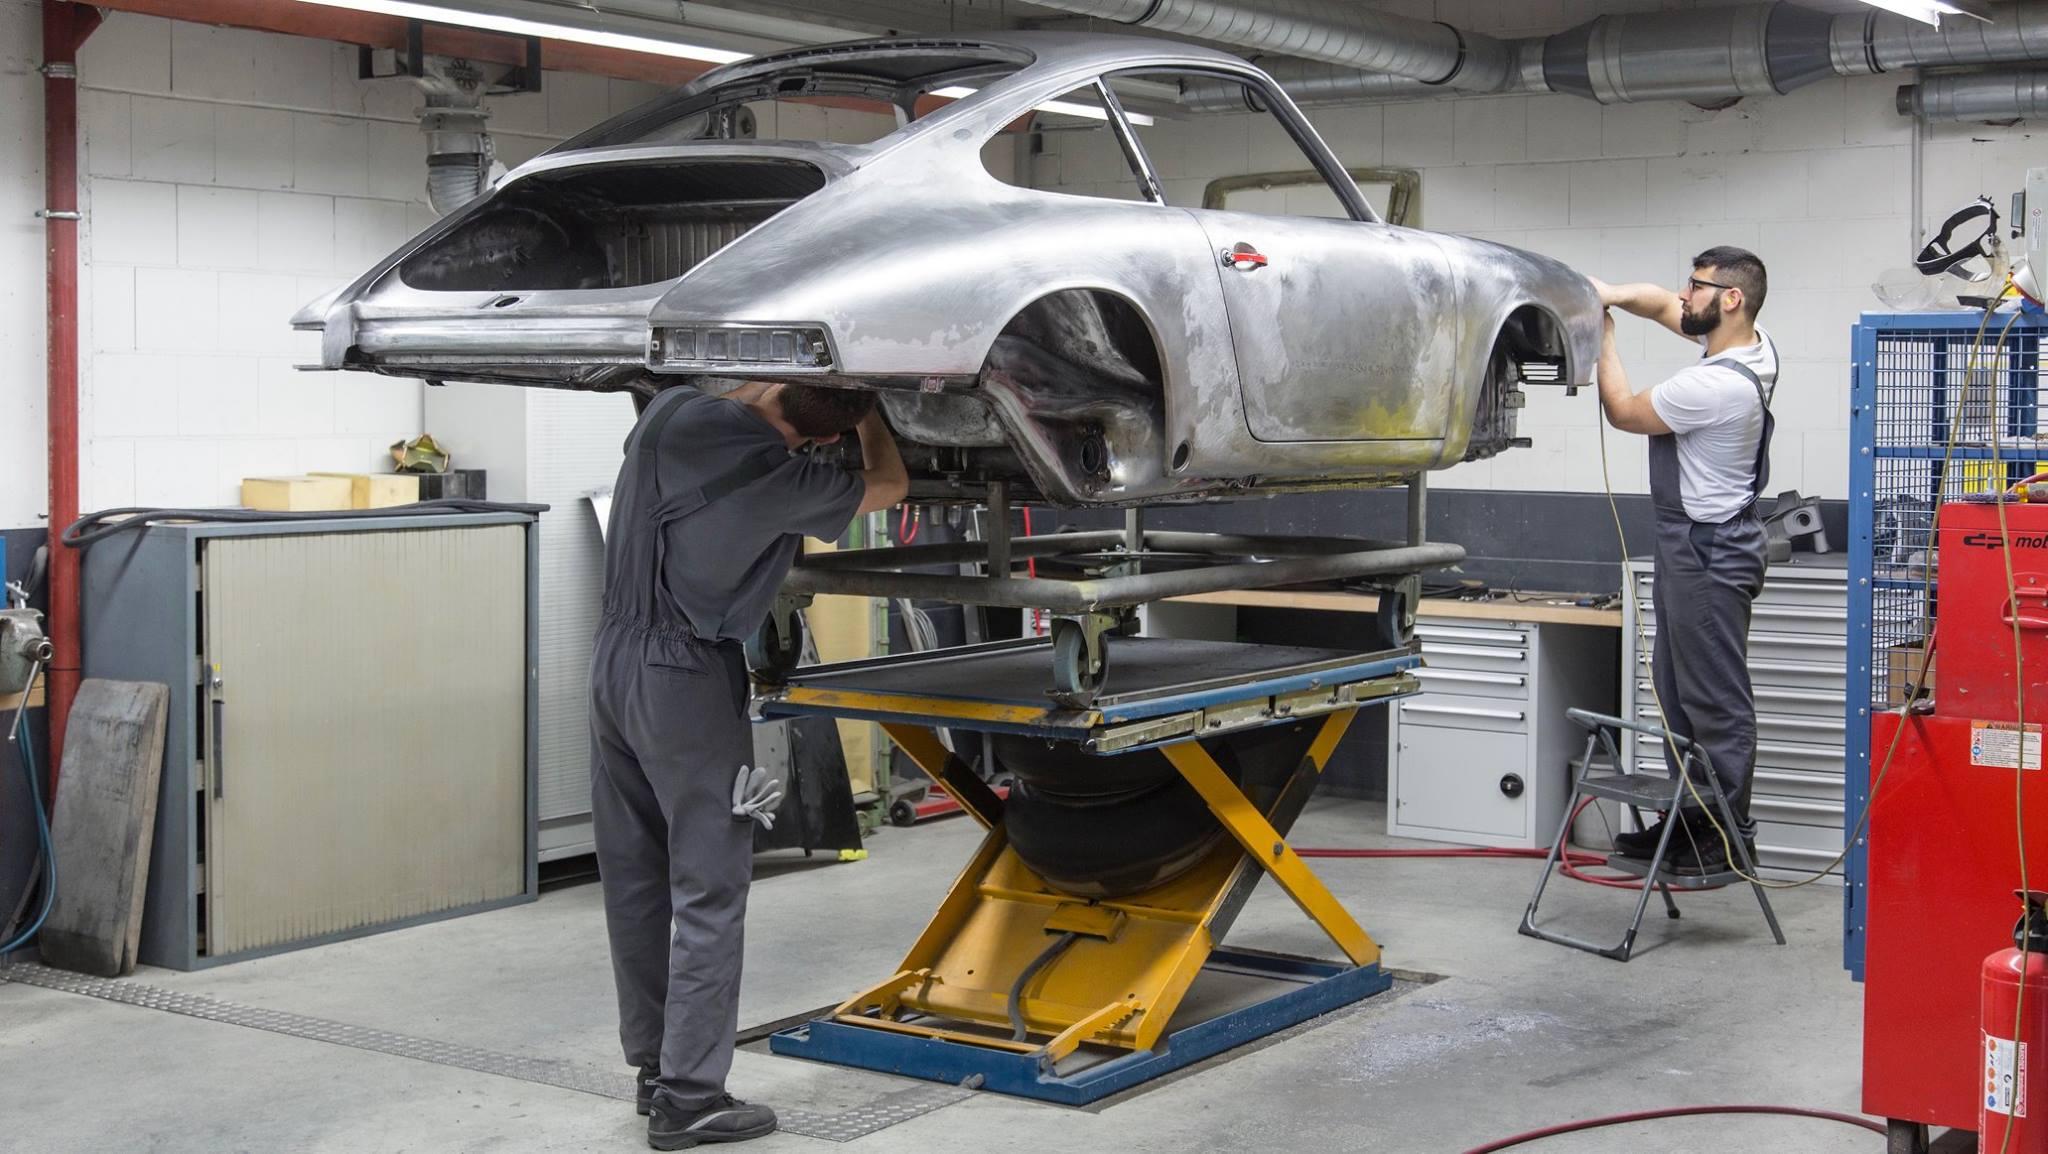 Porsche 901 911 restoration porsche museum (10)